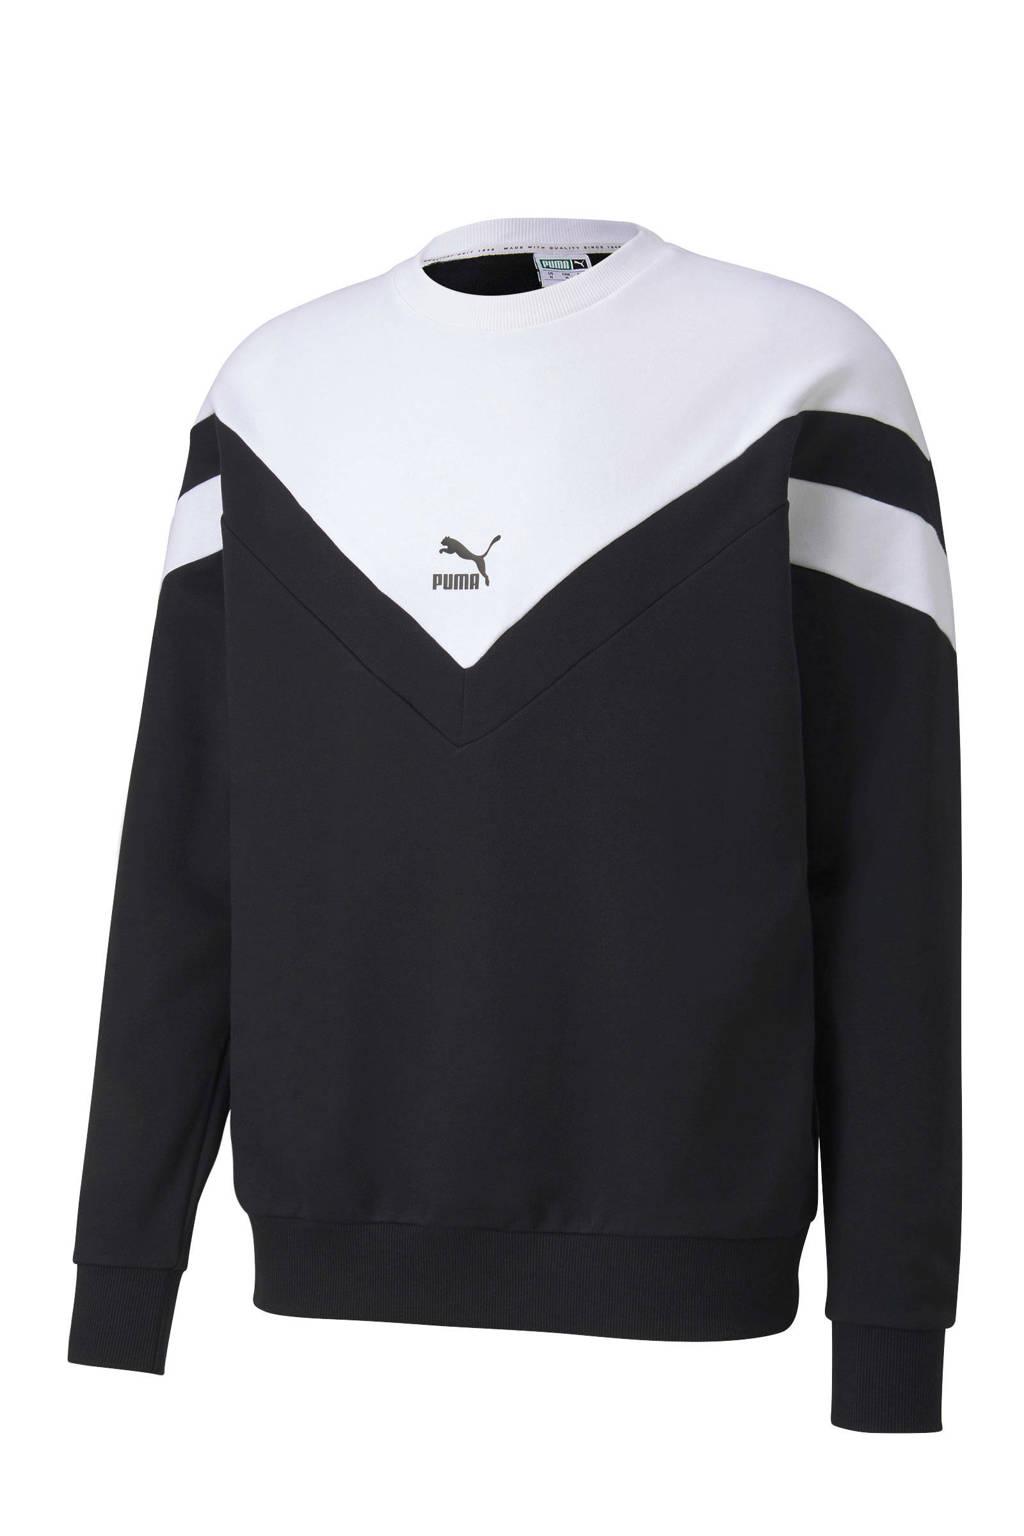 Puma   sweater zwart/wit, Zwart/wit